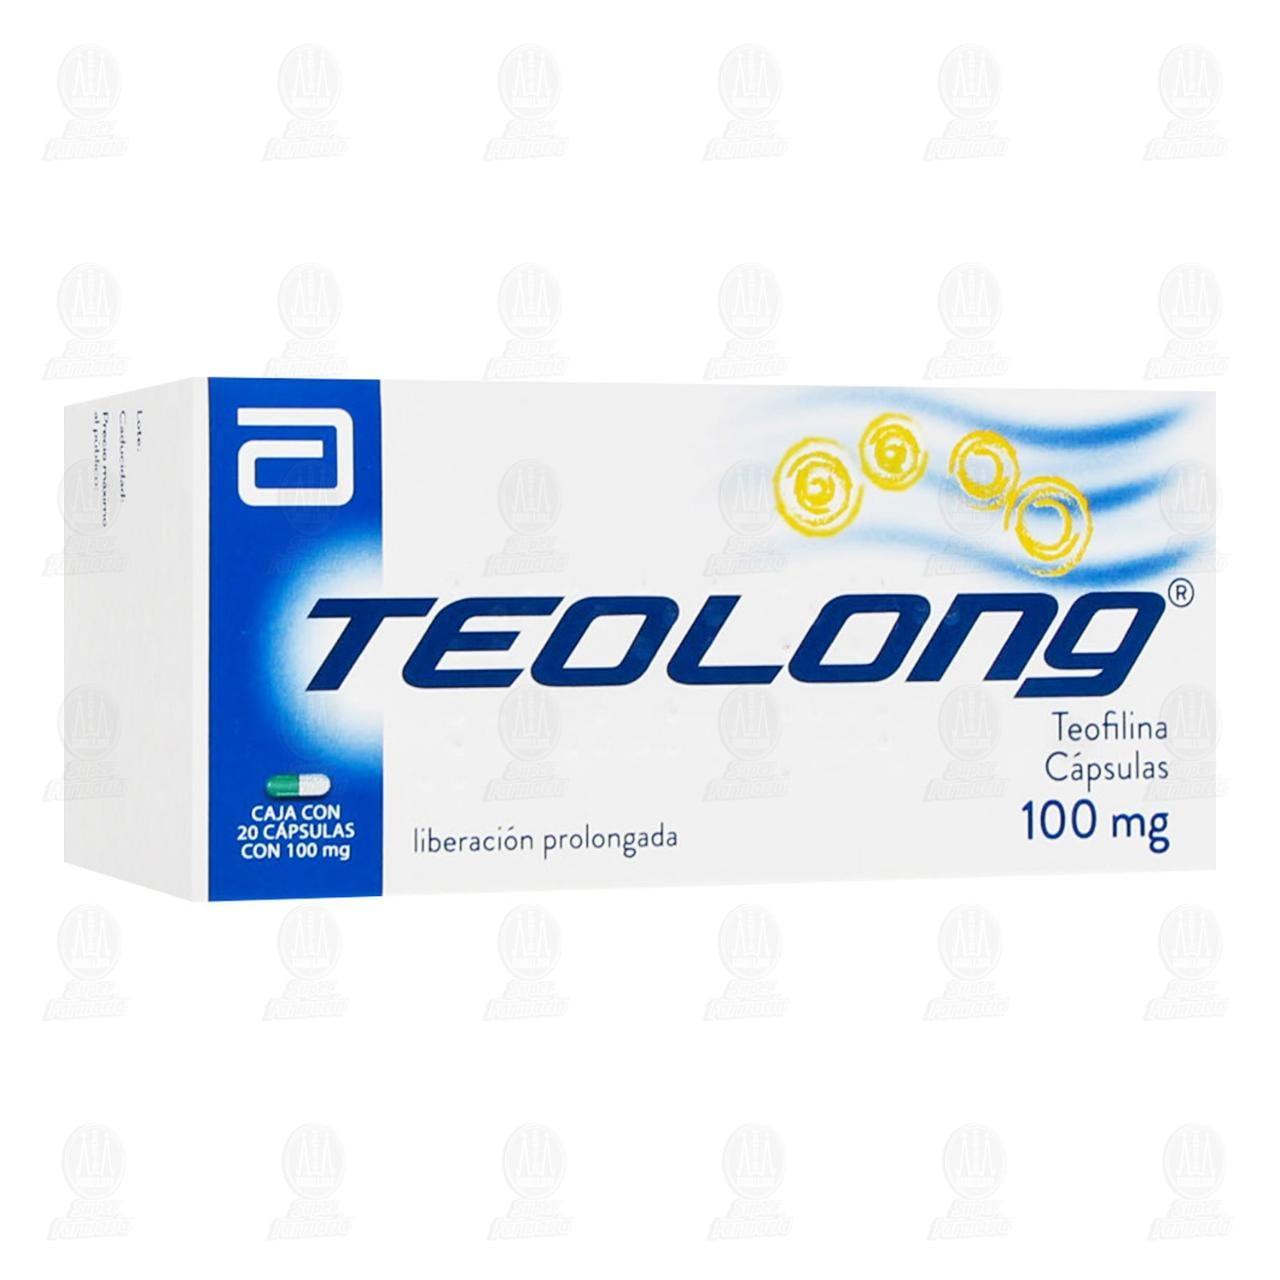 Comprar Teolong 100mg 20 Cápsulas en Farmacias Guadalajara